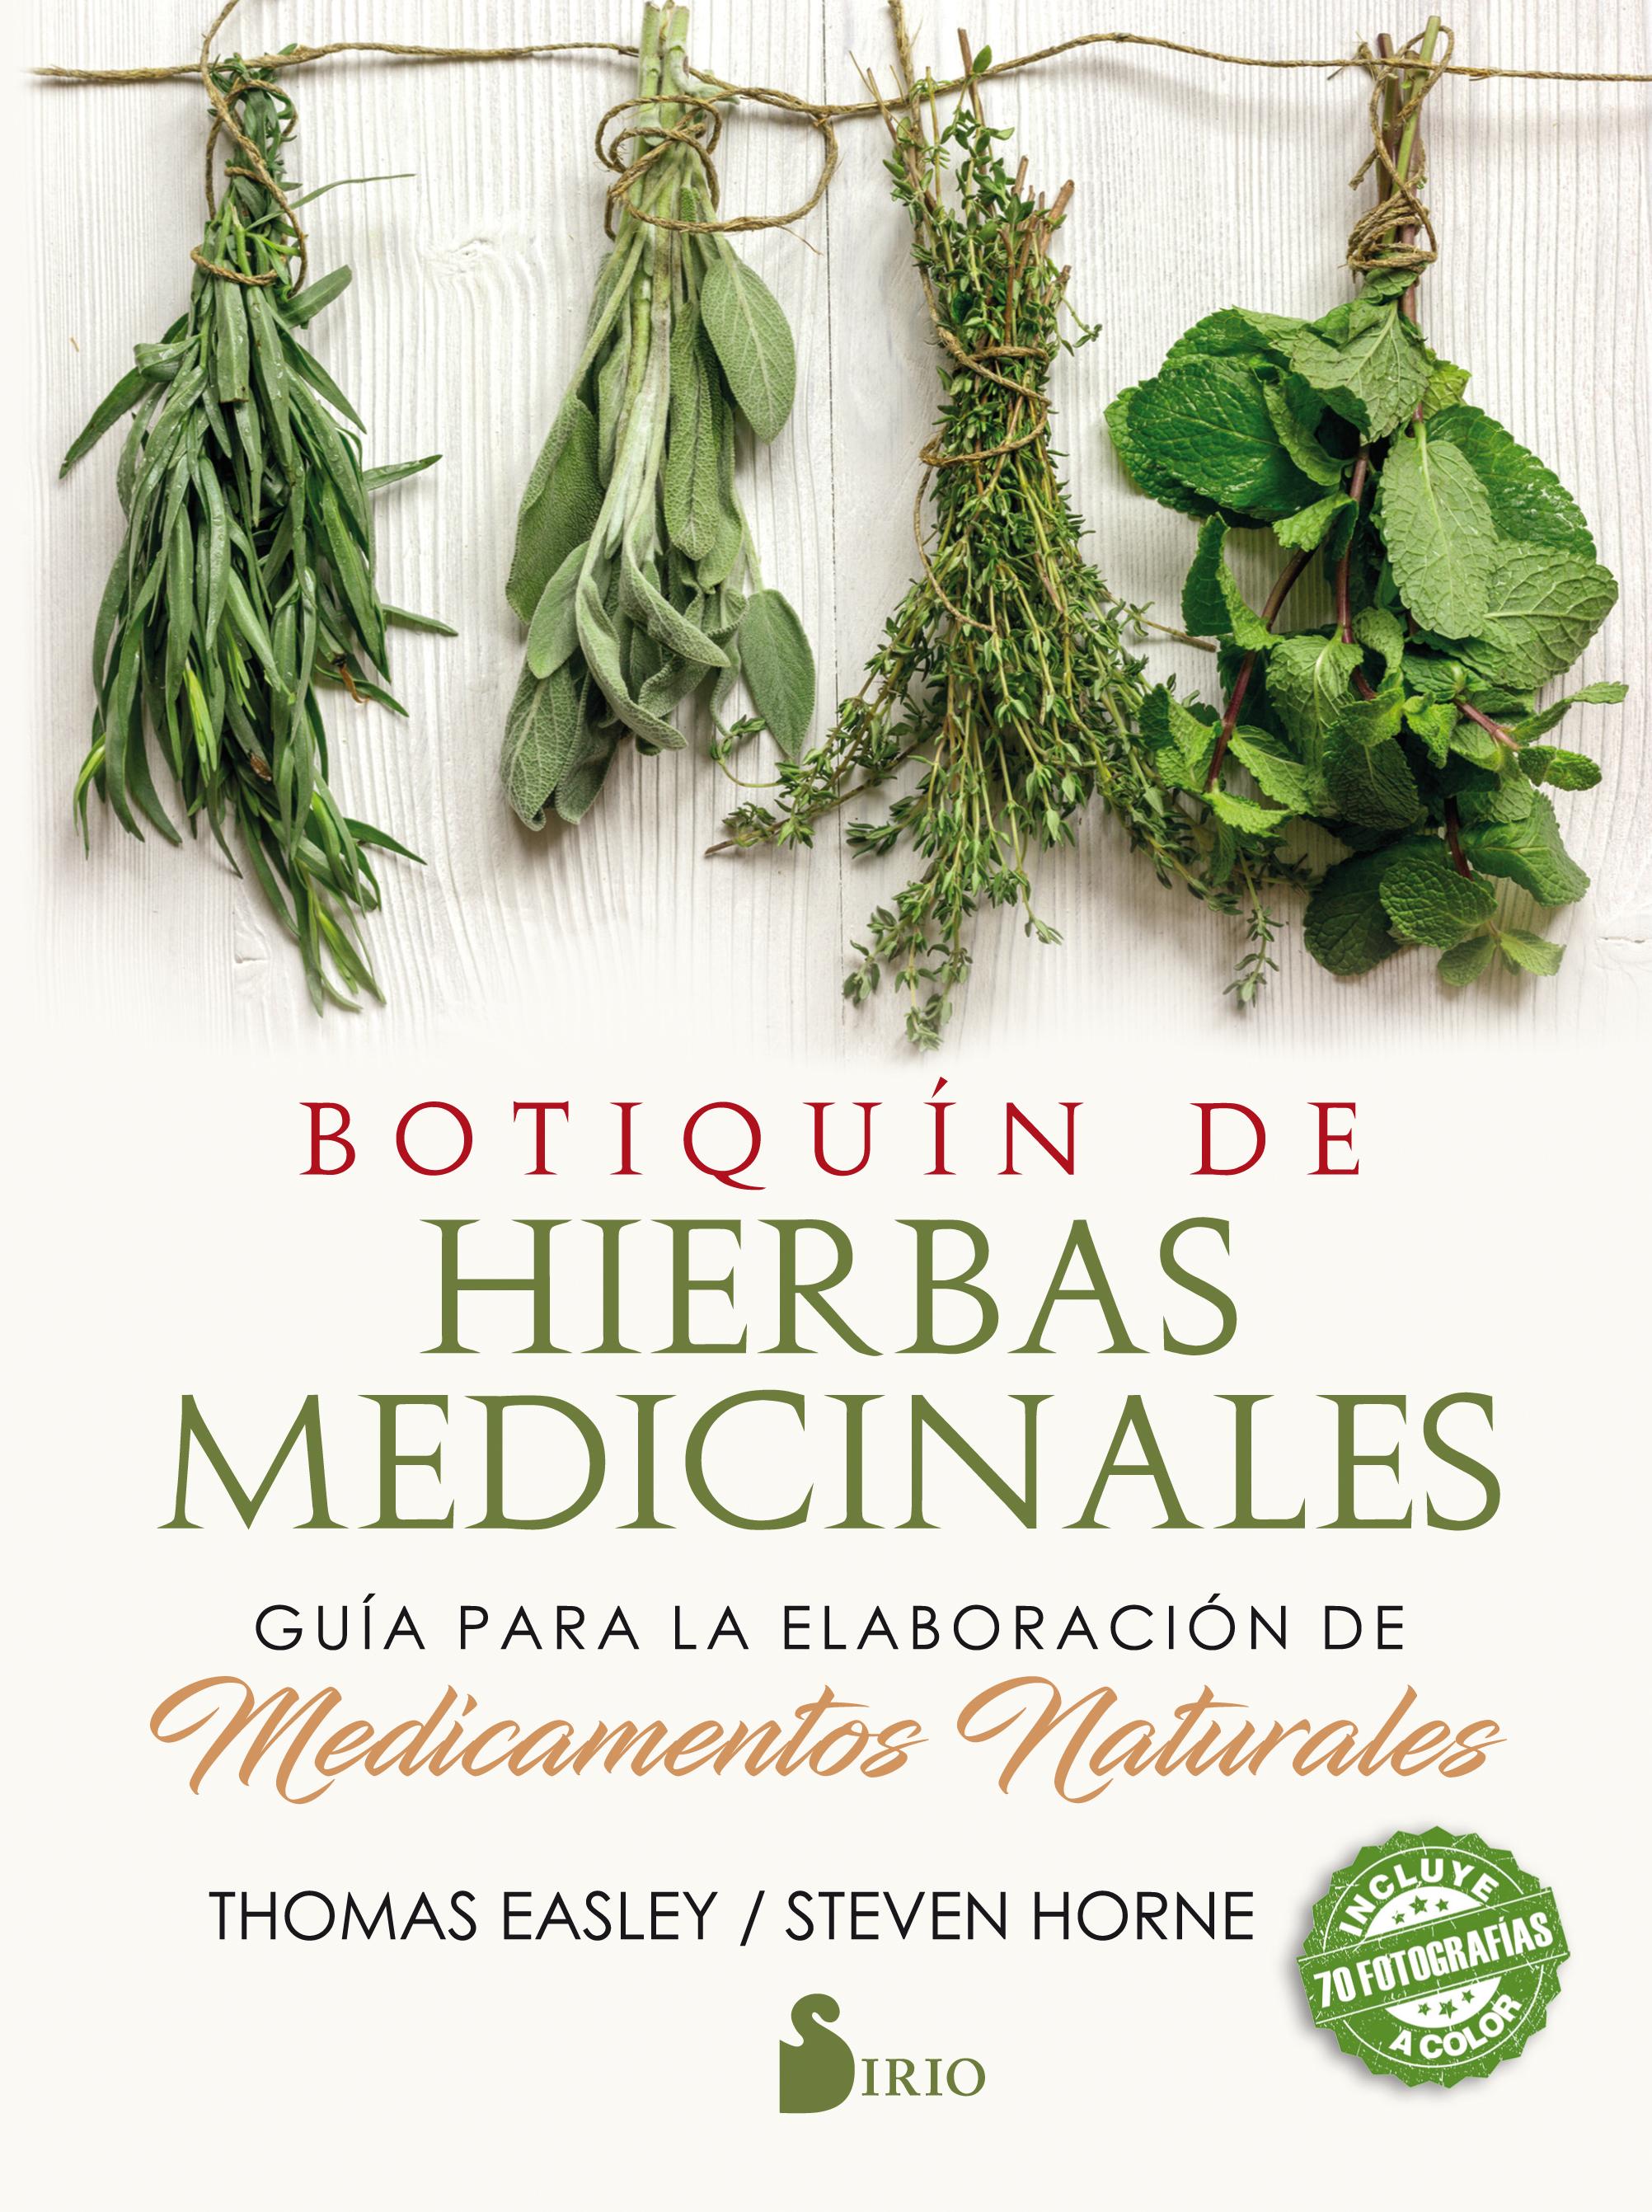 BOTIQUIN DE HIERBAS MEDICINALES